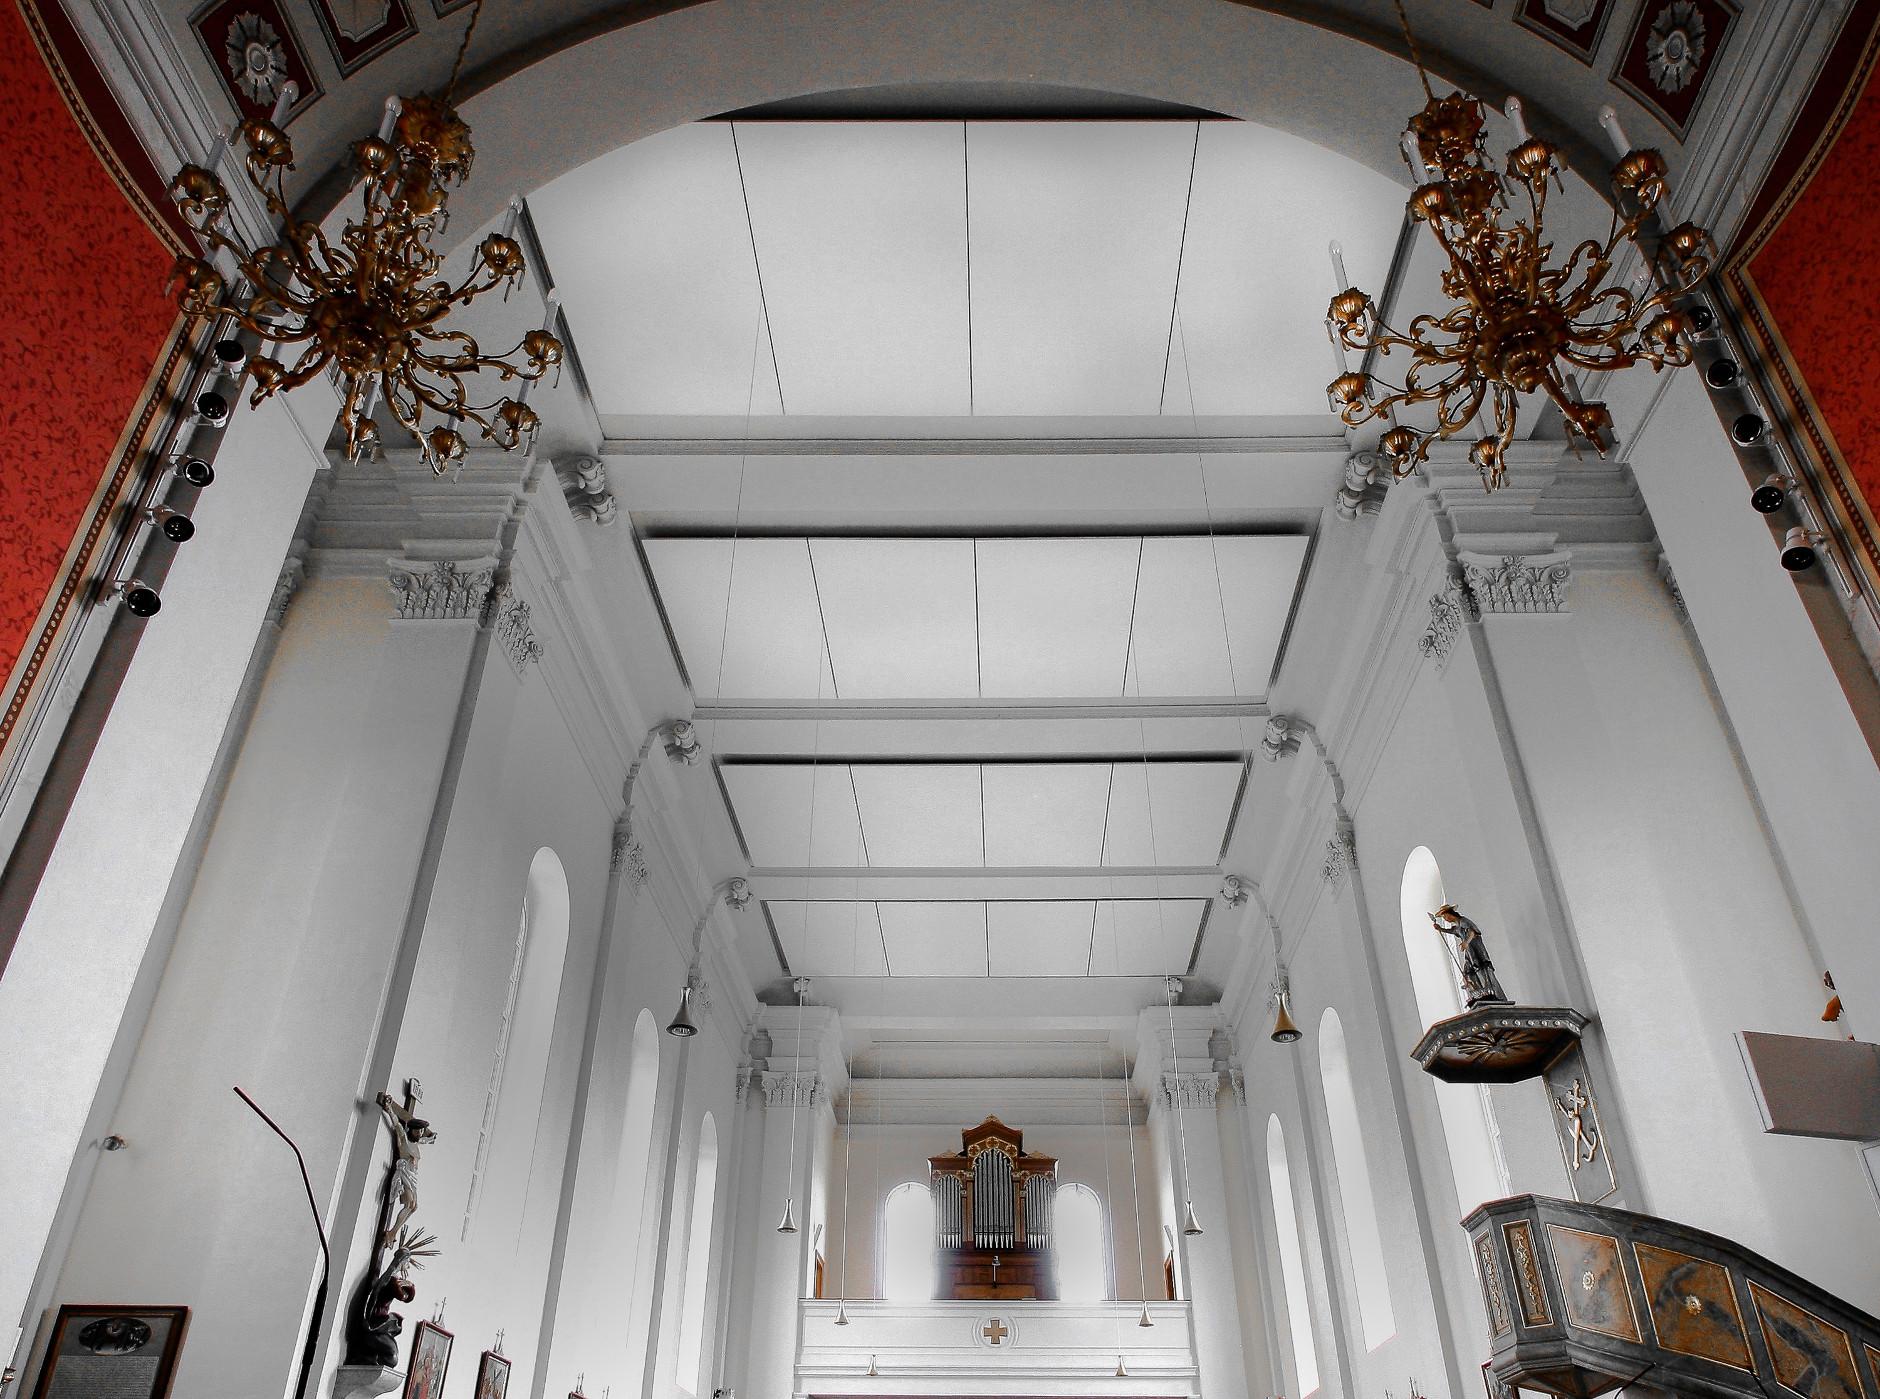 Deckensegel haben viele Anwendungen, zB auch in einer Kirche